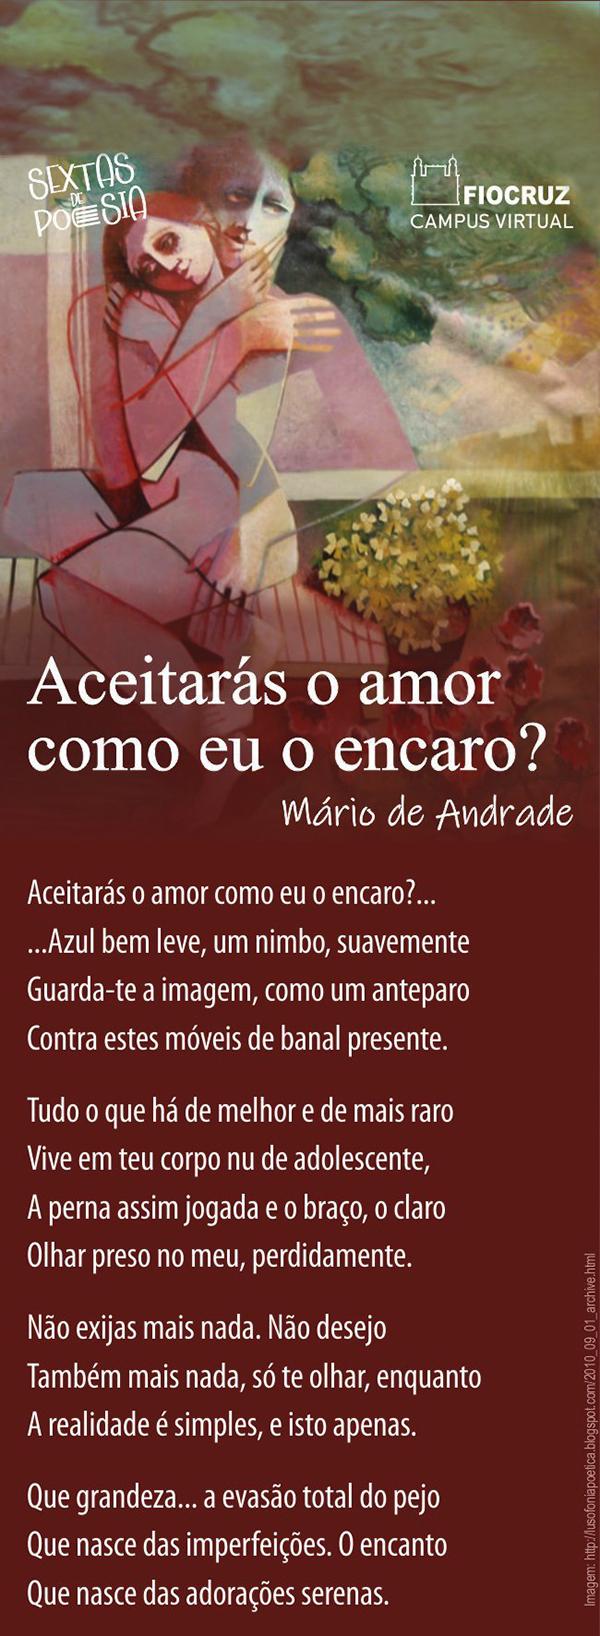 Sextas de Poesia traz Mário de Andrade falando sobre a inconstância do amor